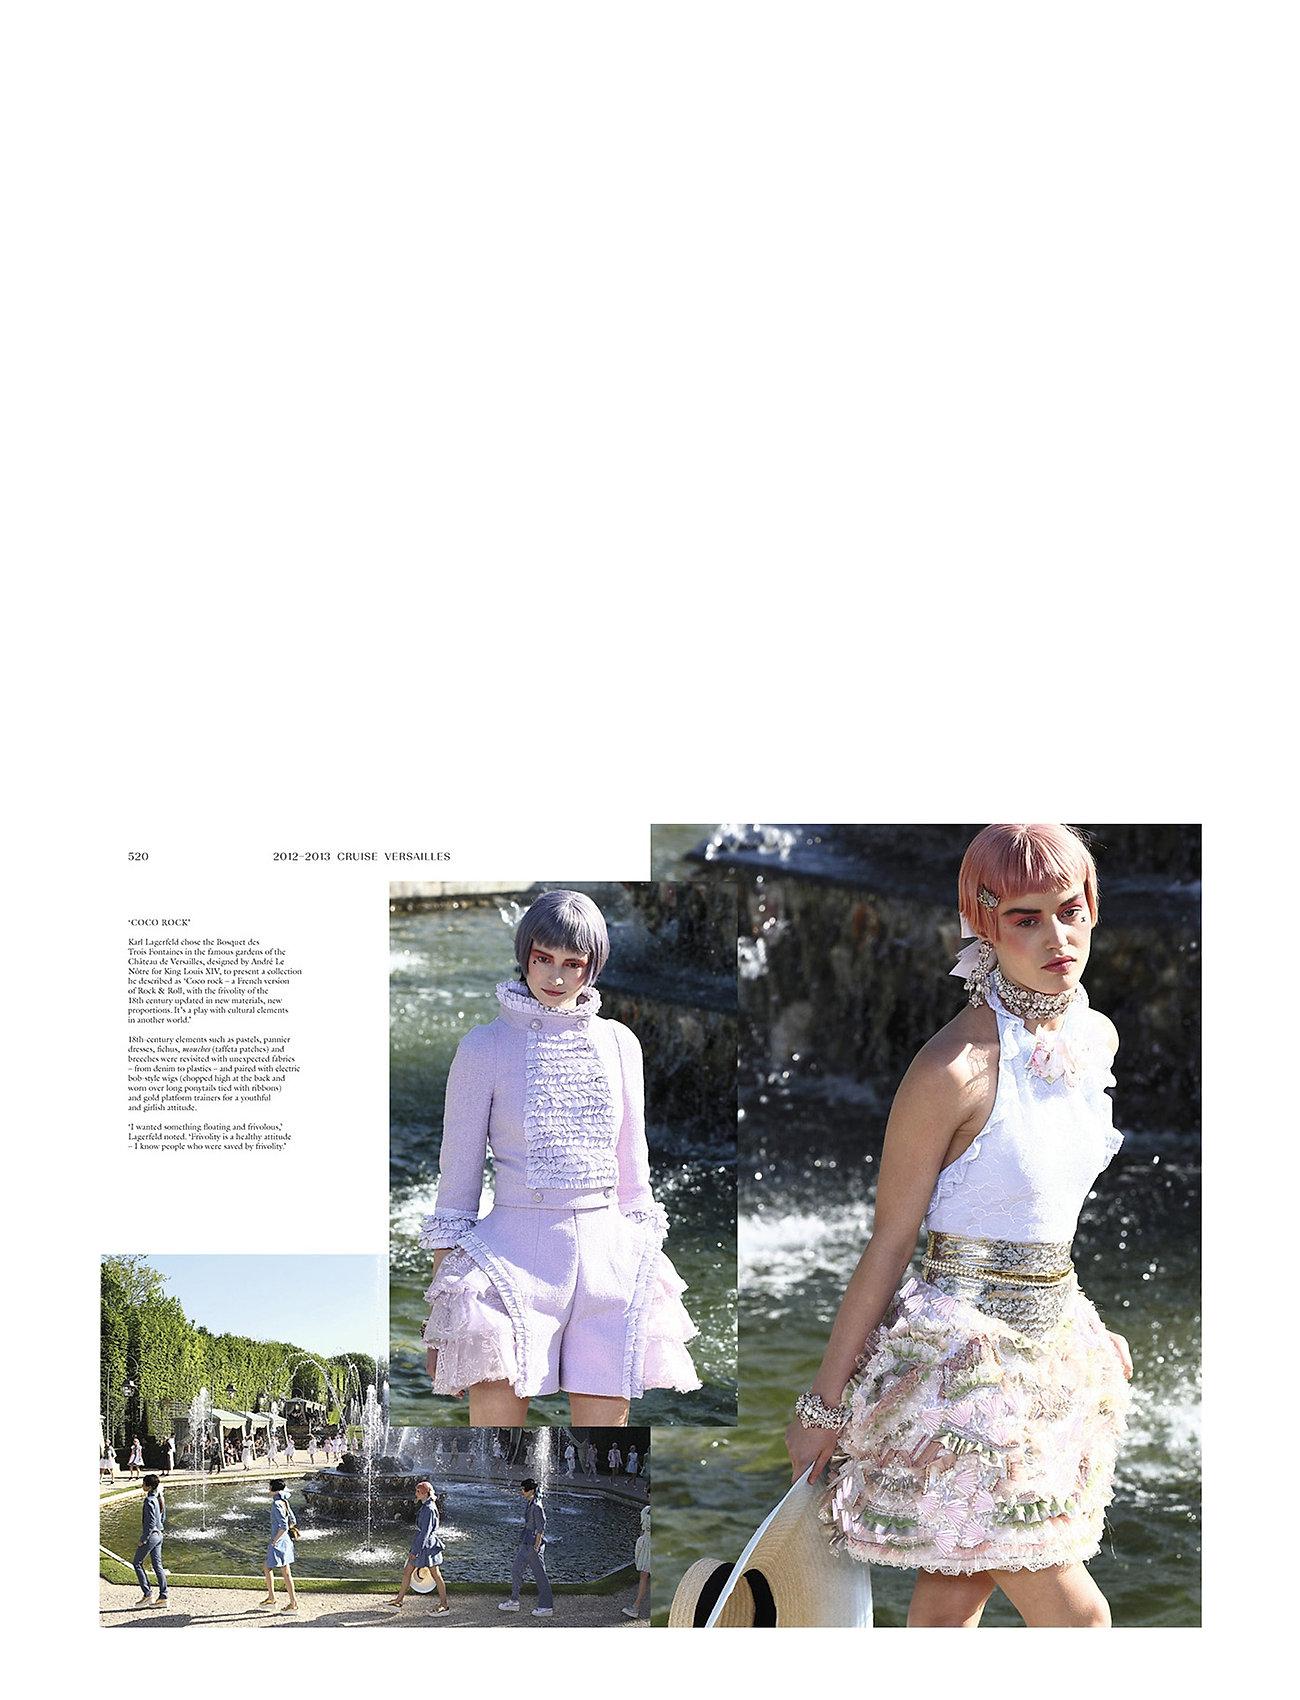 New Mags - Chanel Catwalk - shop etter pris - black - 7